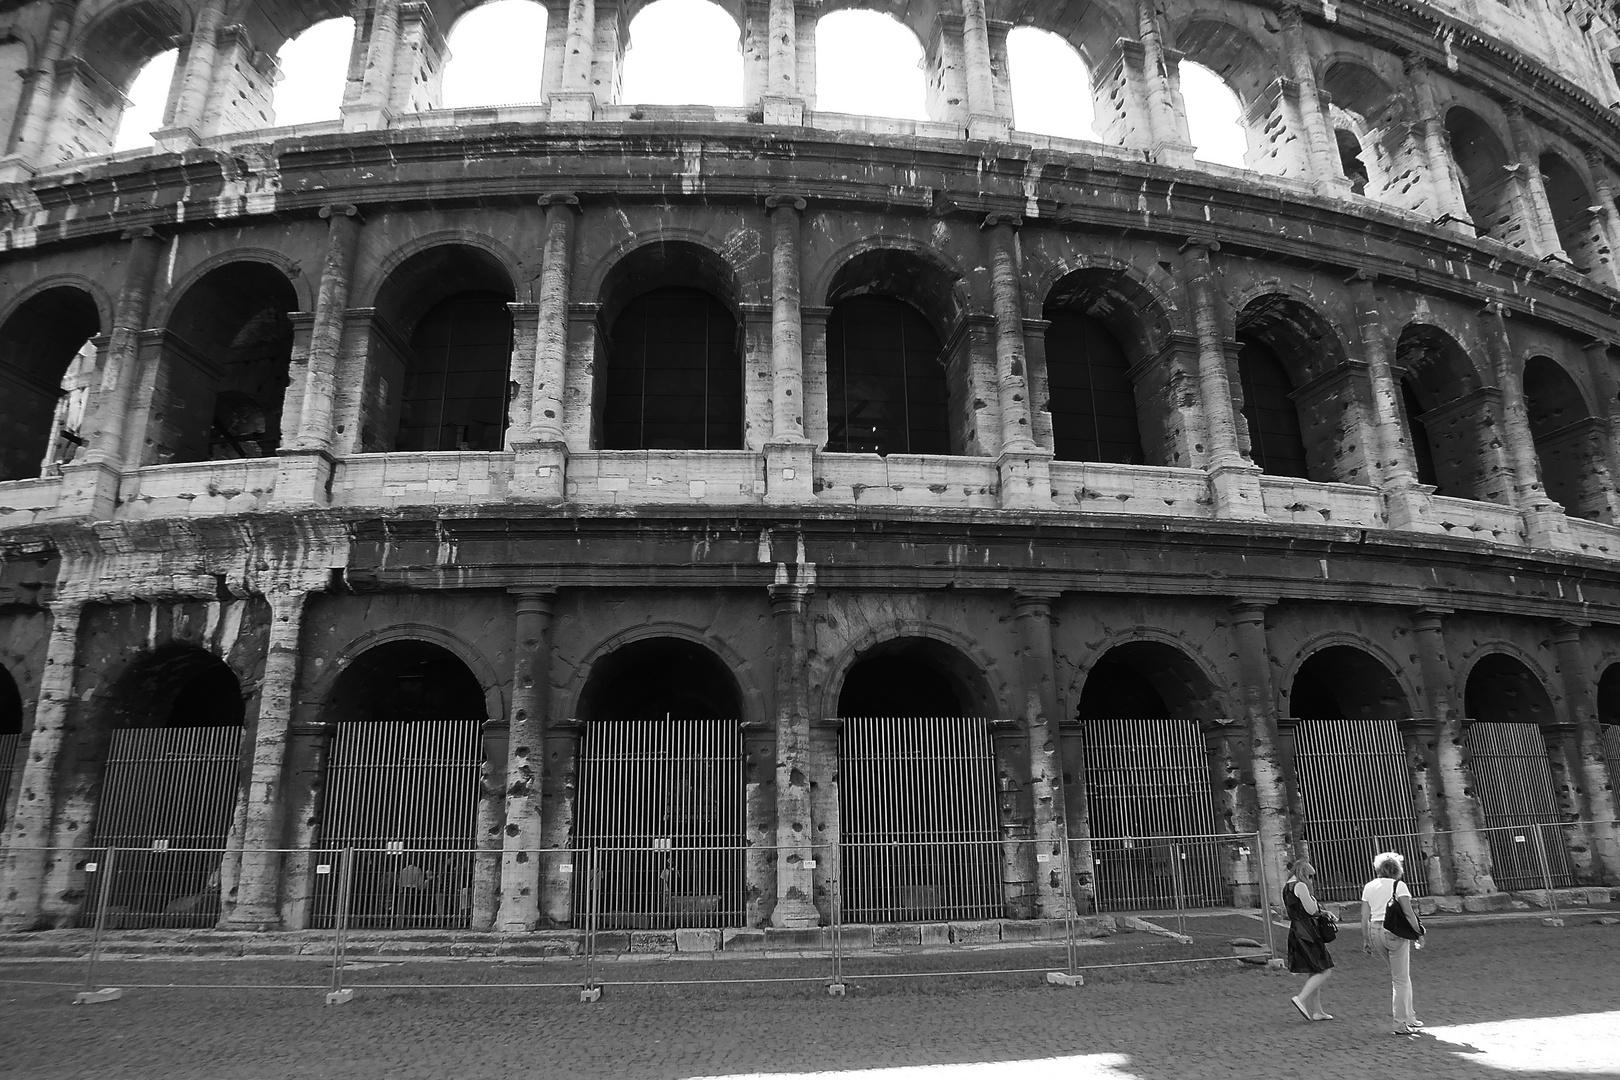 Il fascino di Roma - Il sole al terzo ordine degli archi al Colosseo (b/n)